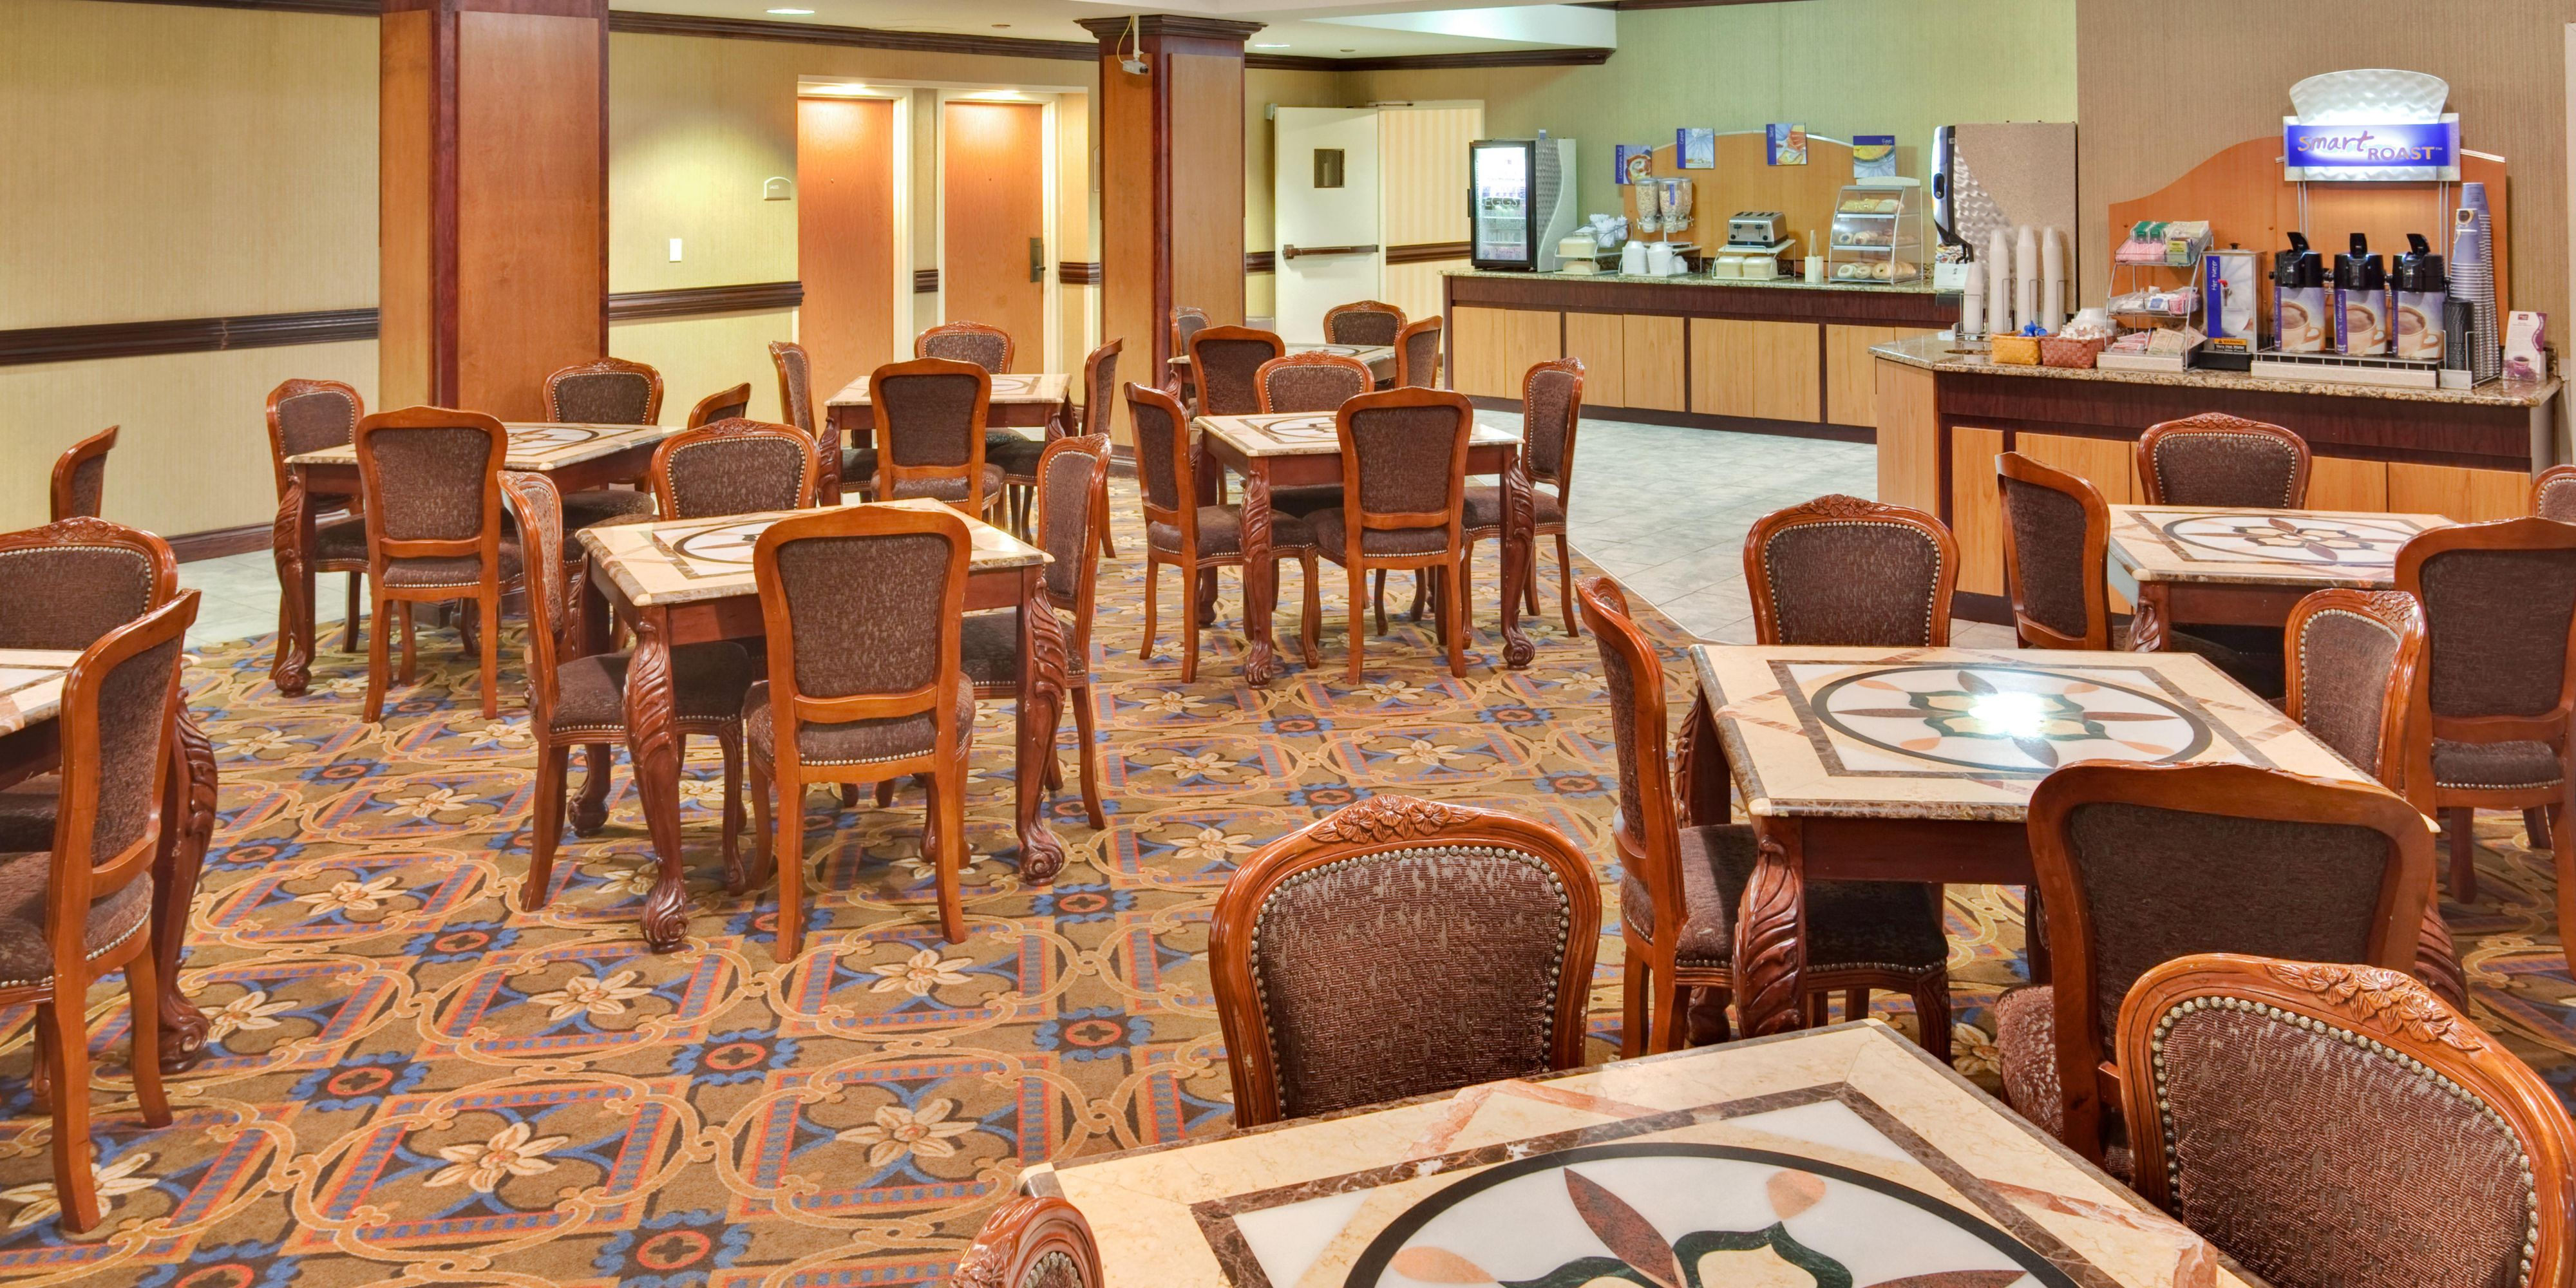 Holiday Inn Express Flint 4260405500 2x1